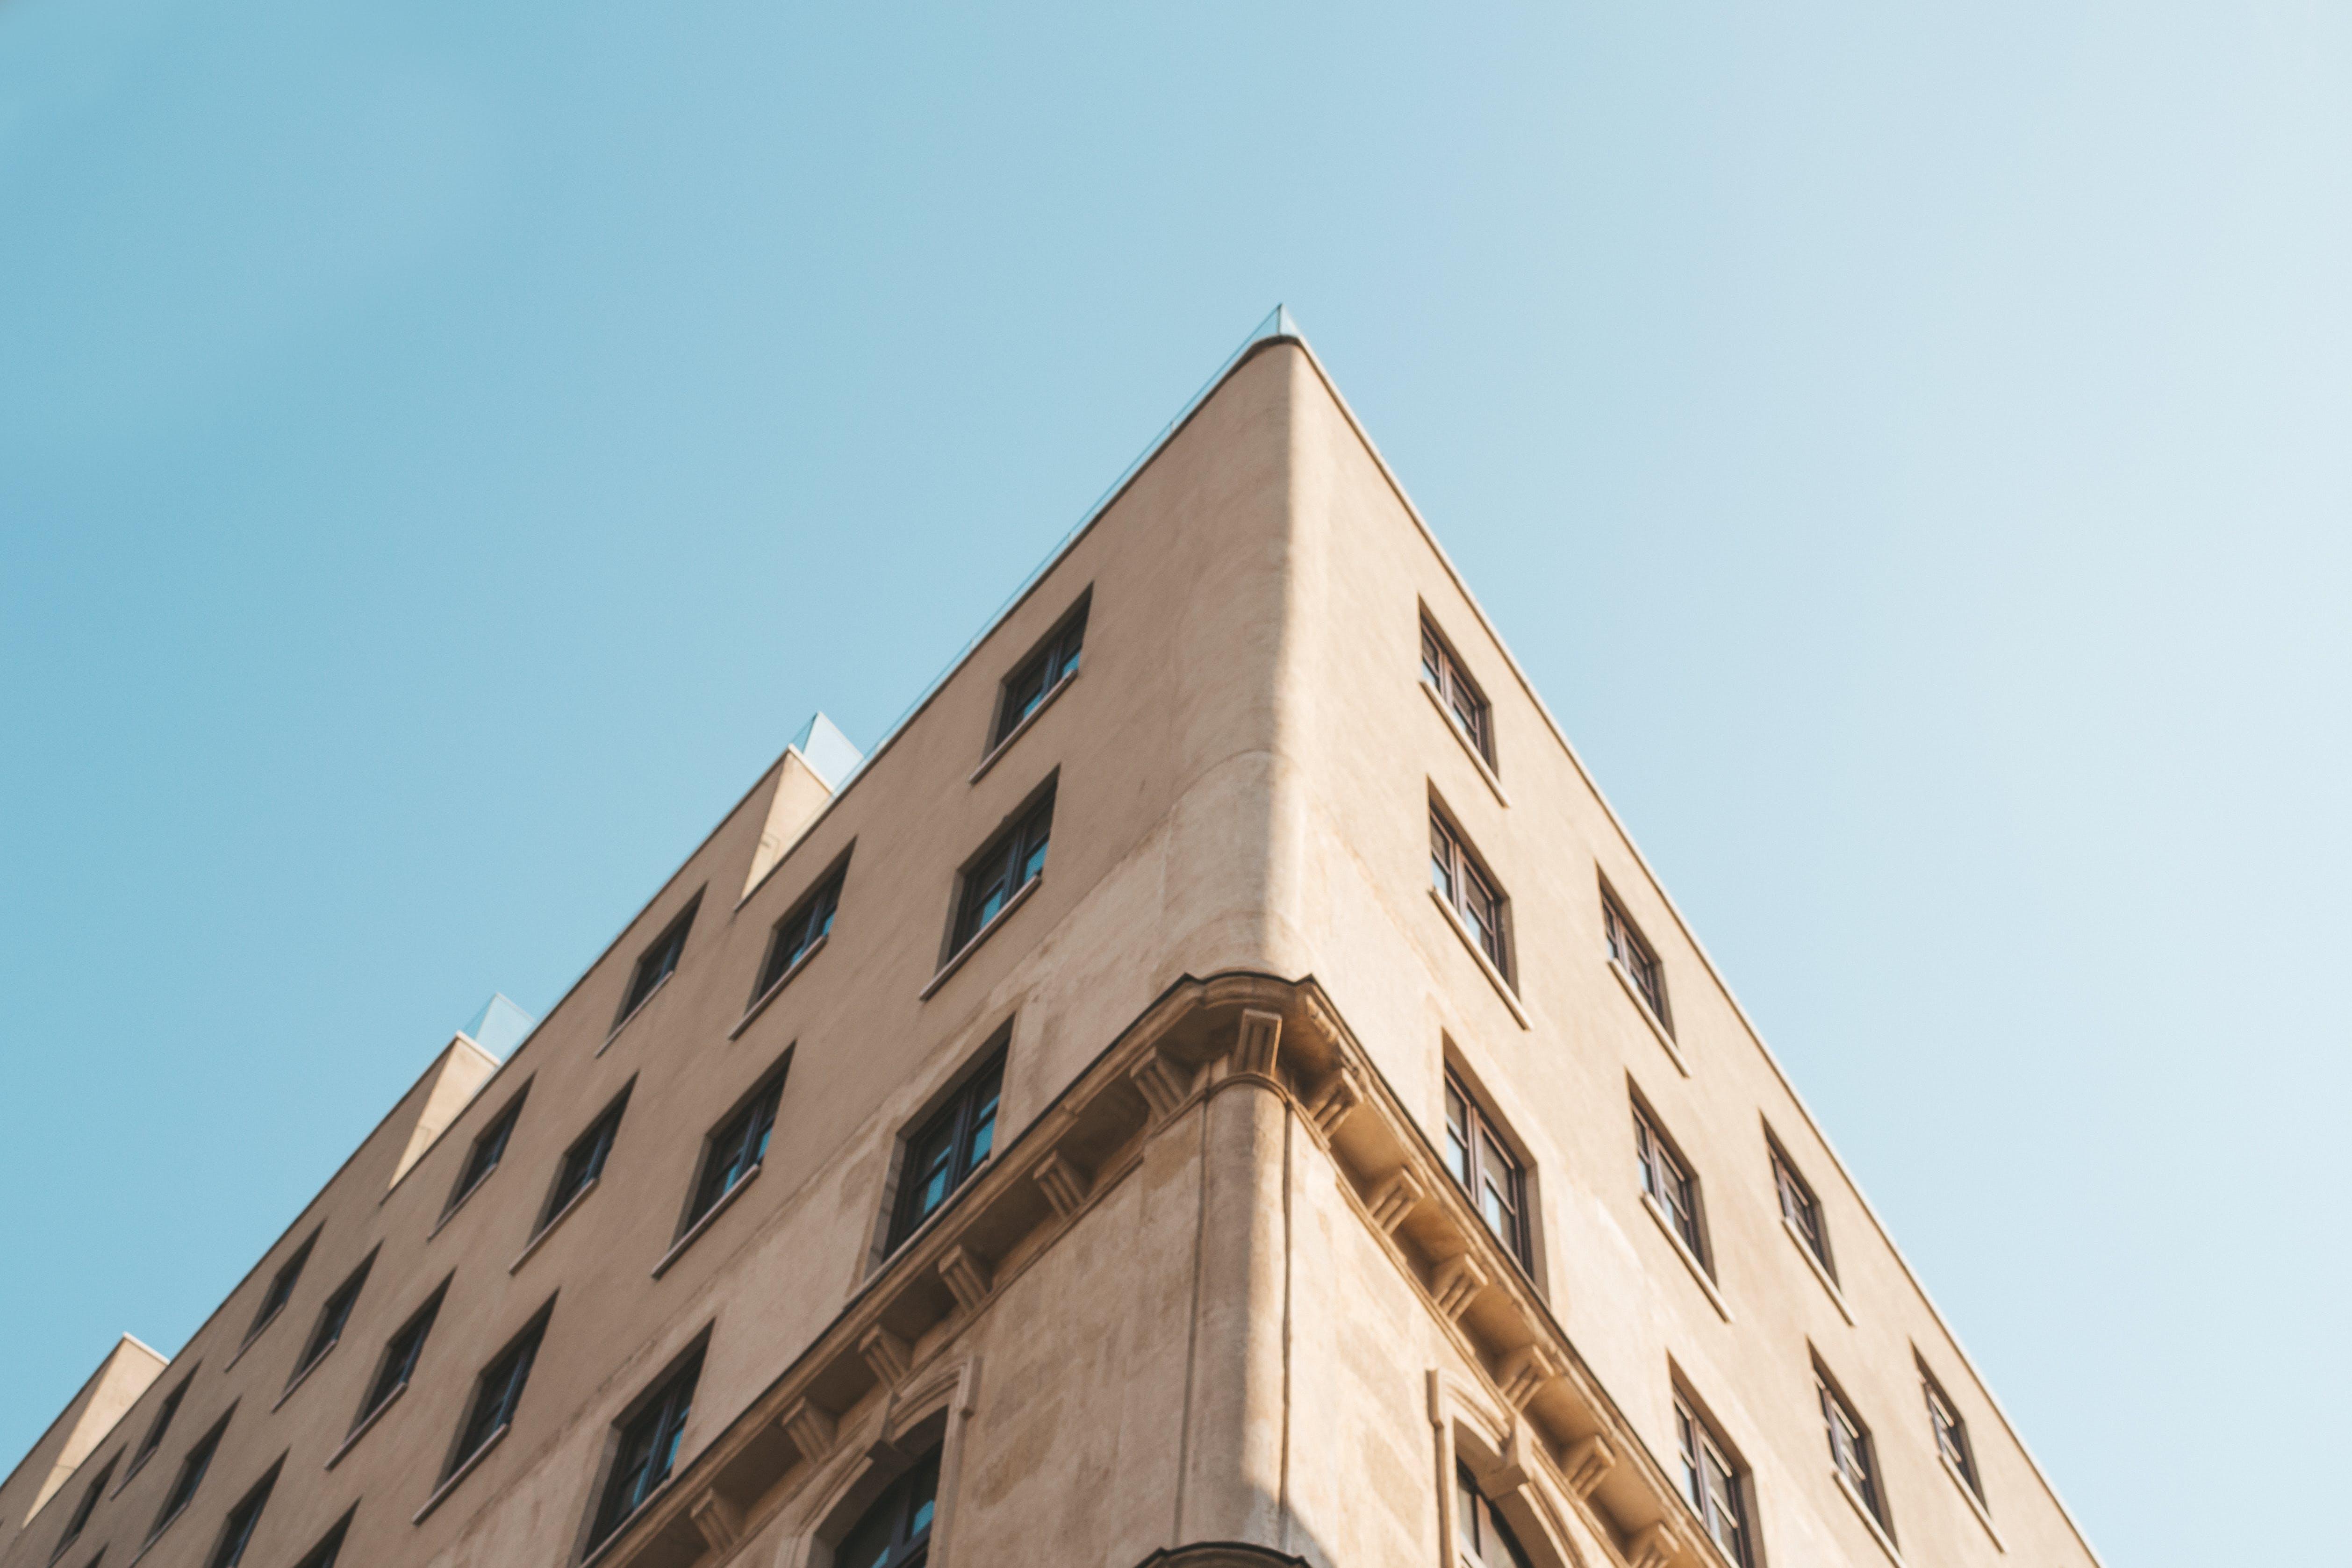 アパート, ガラス窓, コンテンポラリー, コーナーの無料の写真素材